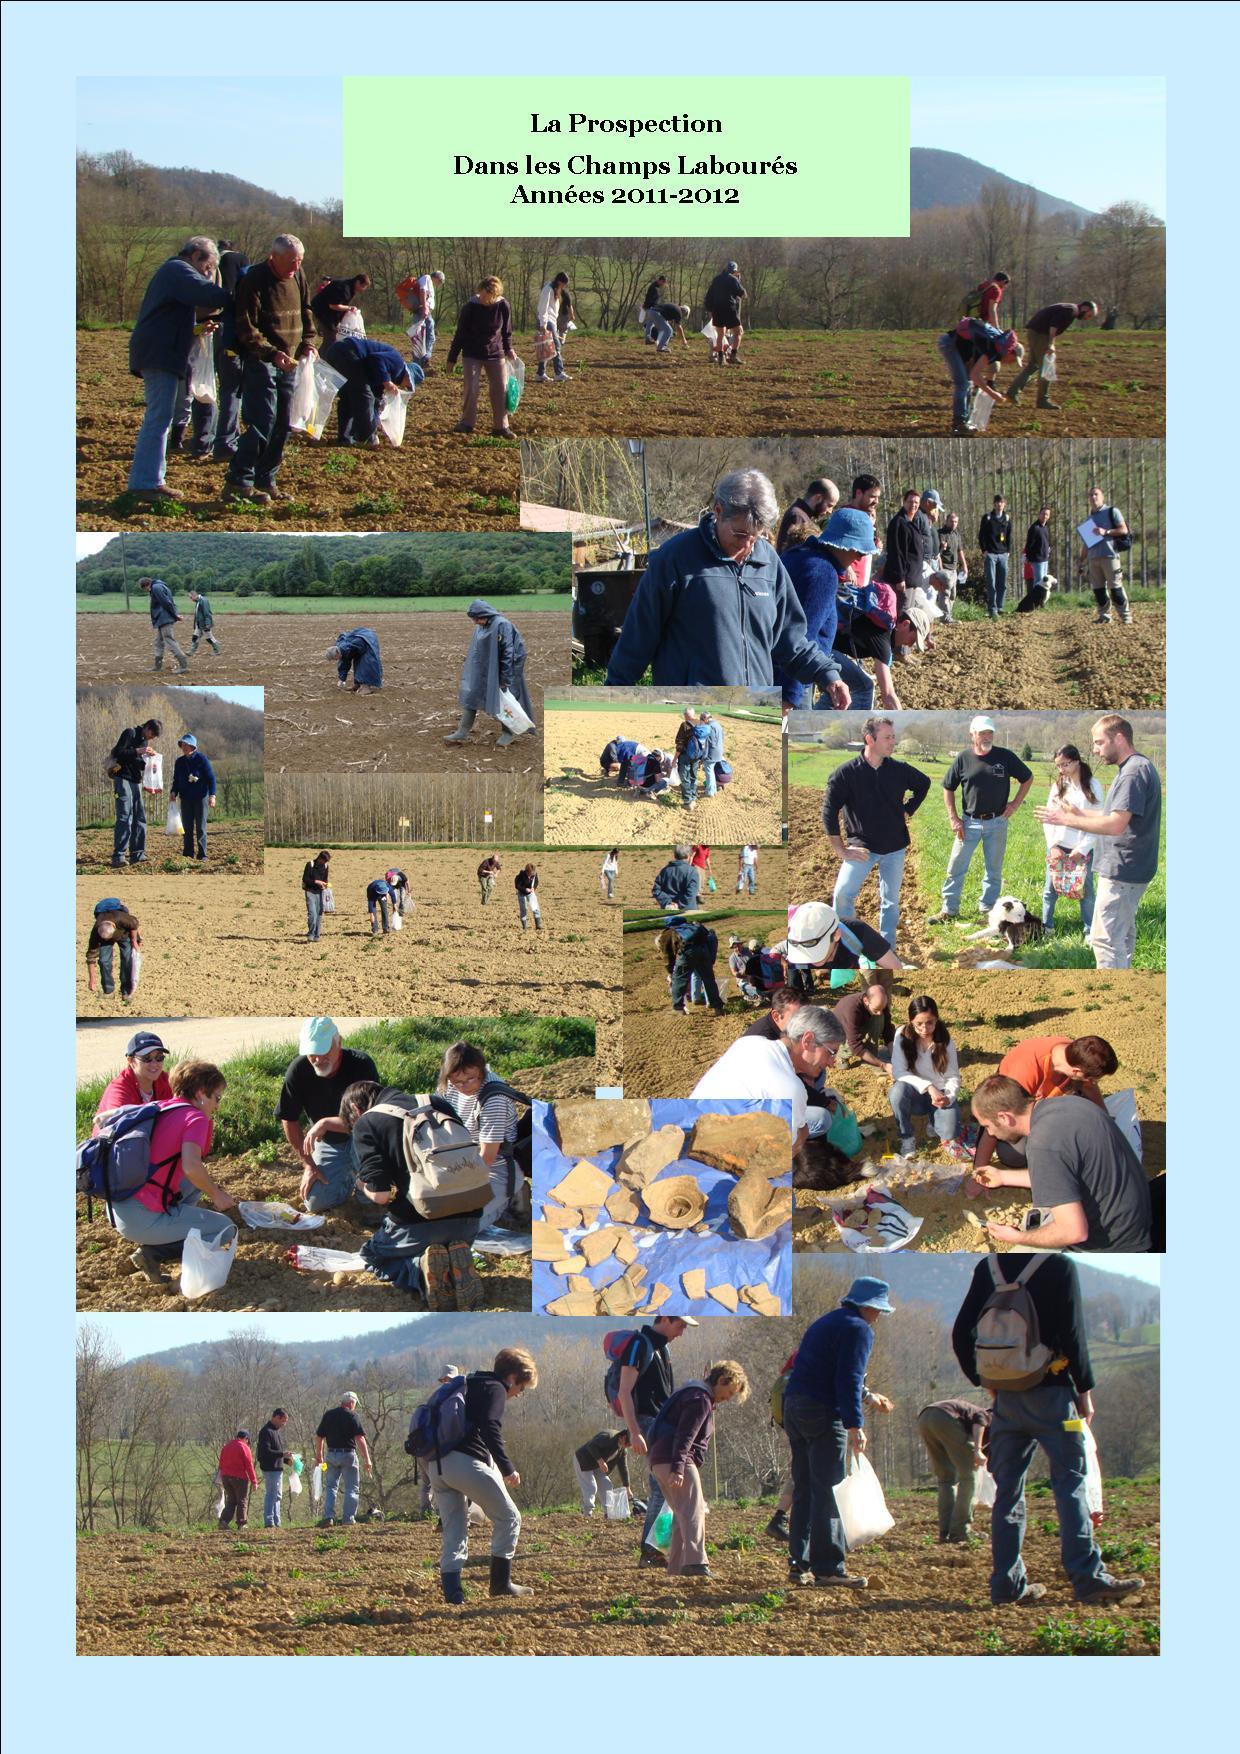 8-actions-2011-2012-la-prospection-champs